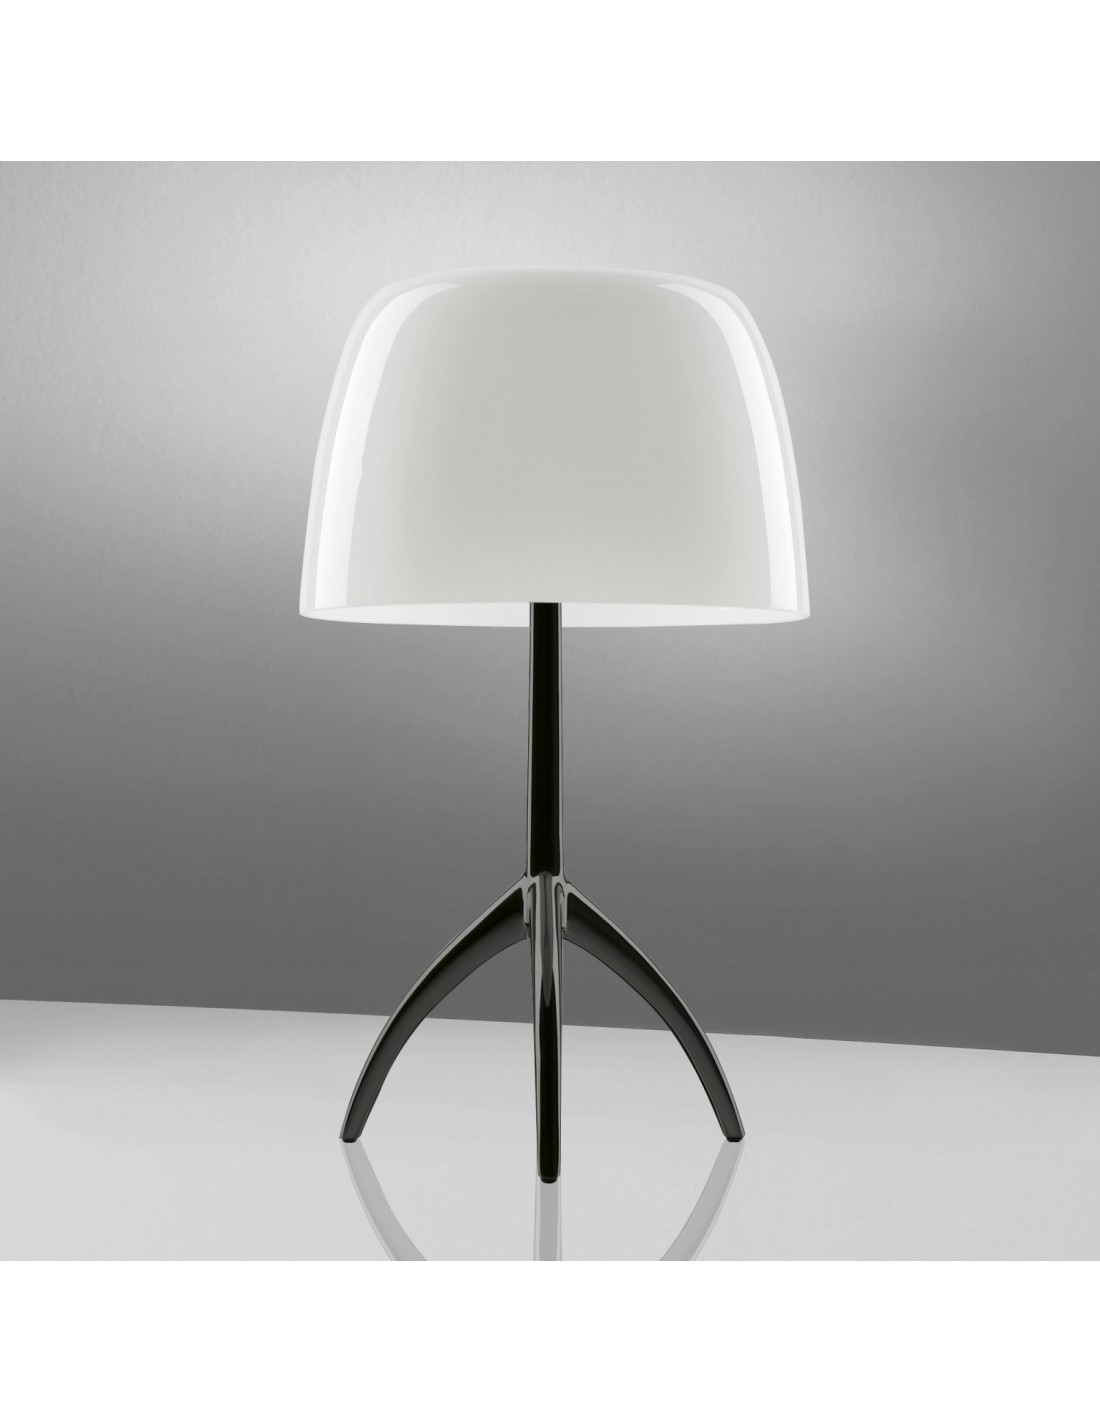 Lampe de table Lumière 05 Grande Chrome noir et blanc